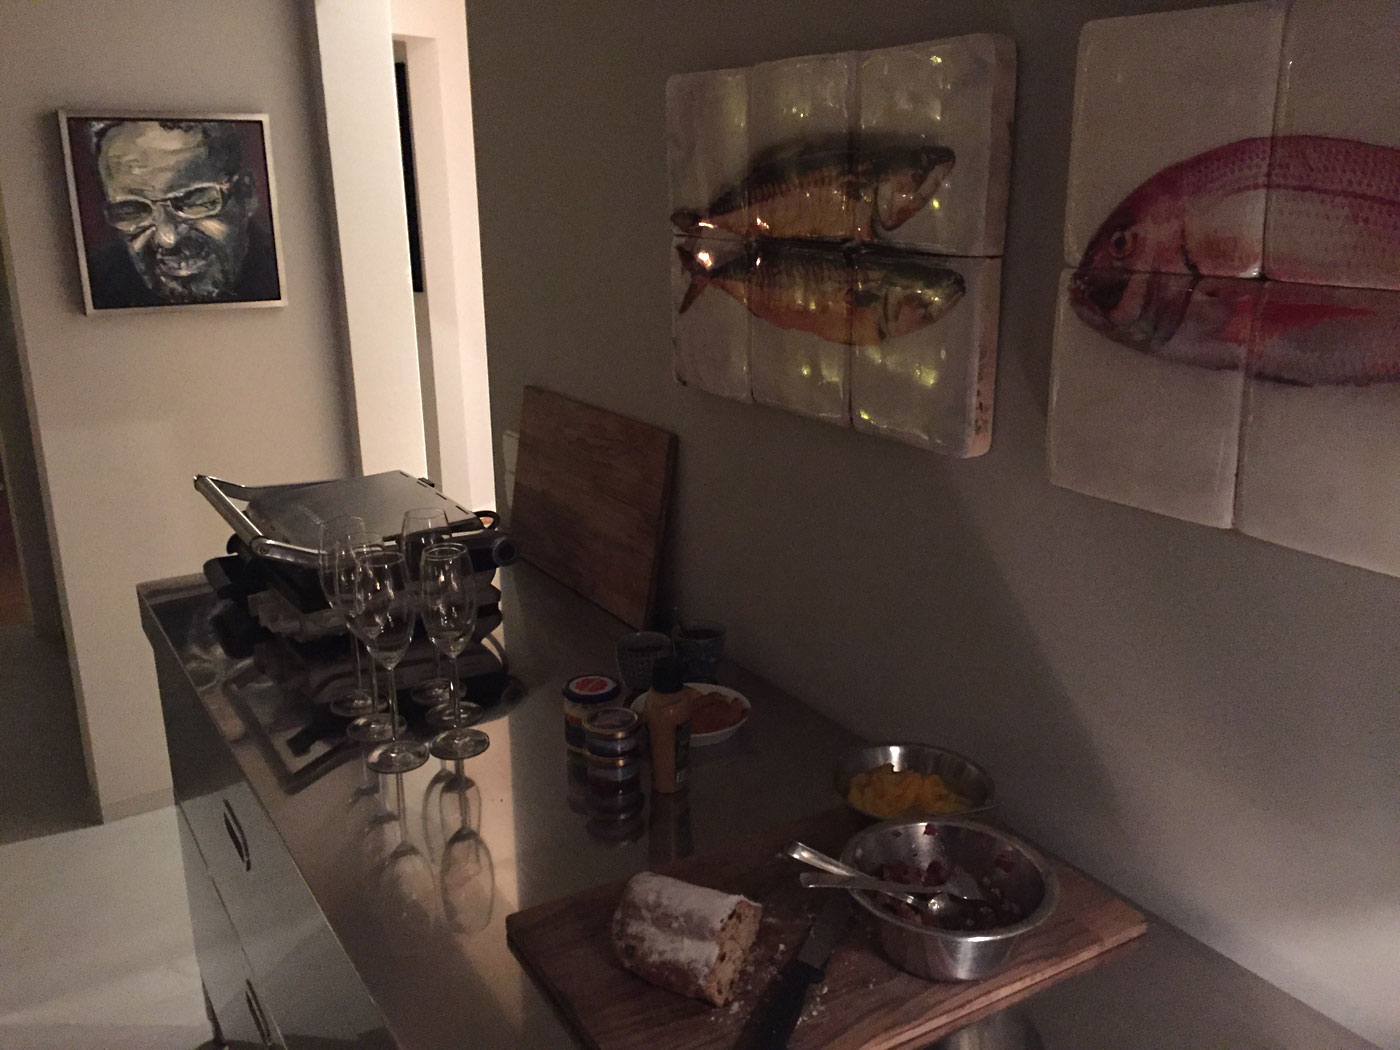 Edelstahl Küche Elemente komplett in Edelstahl